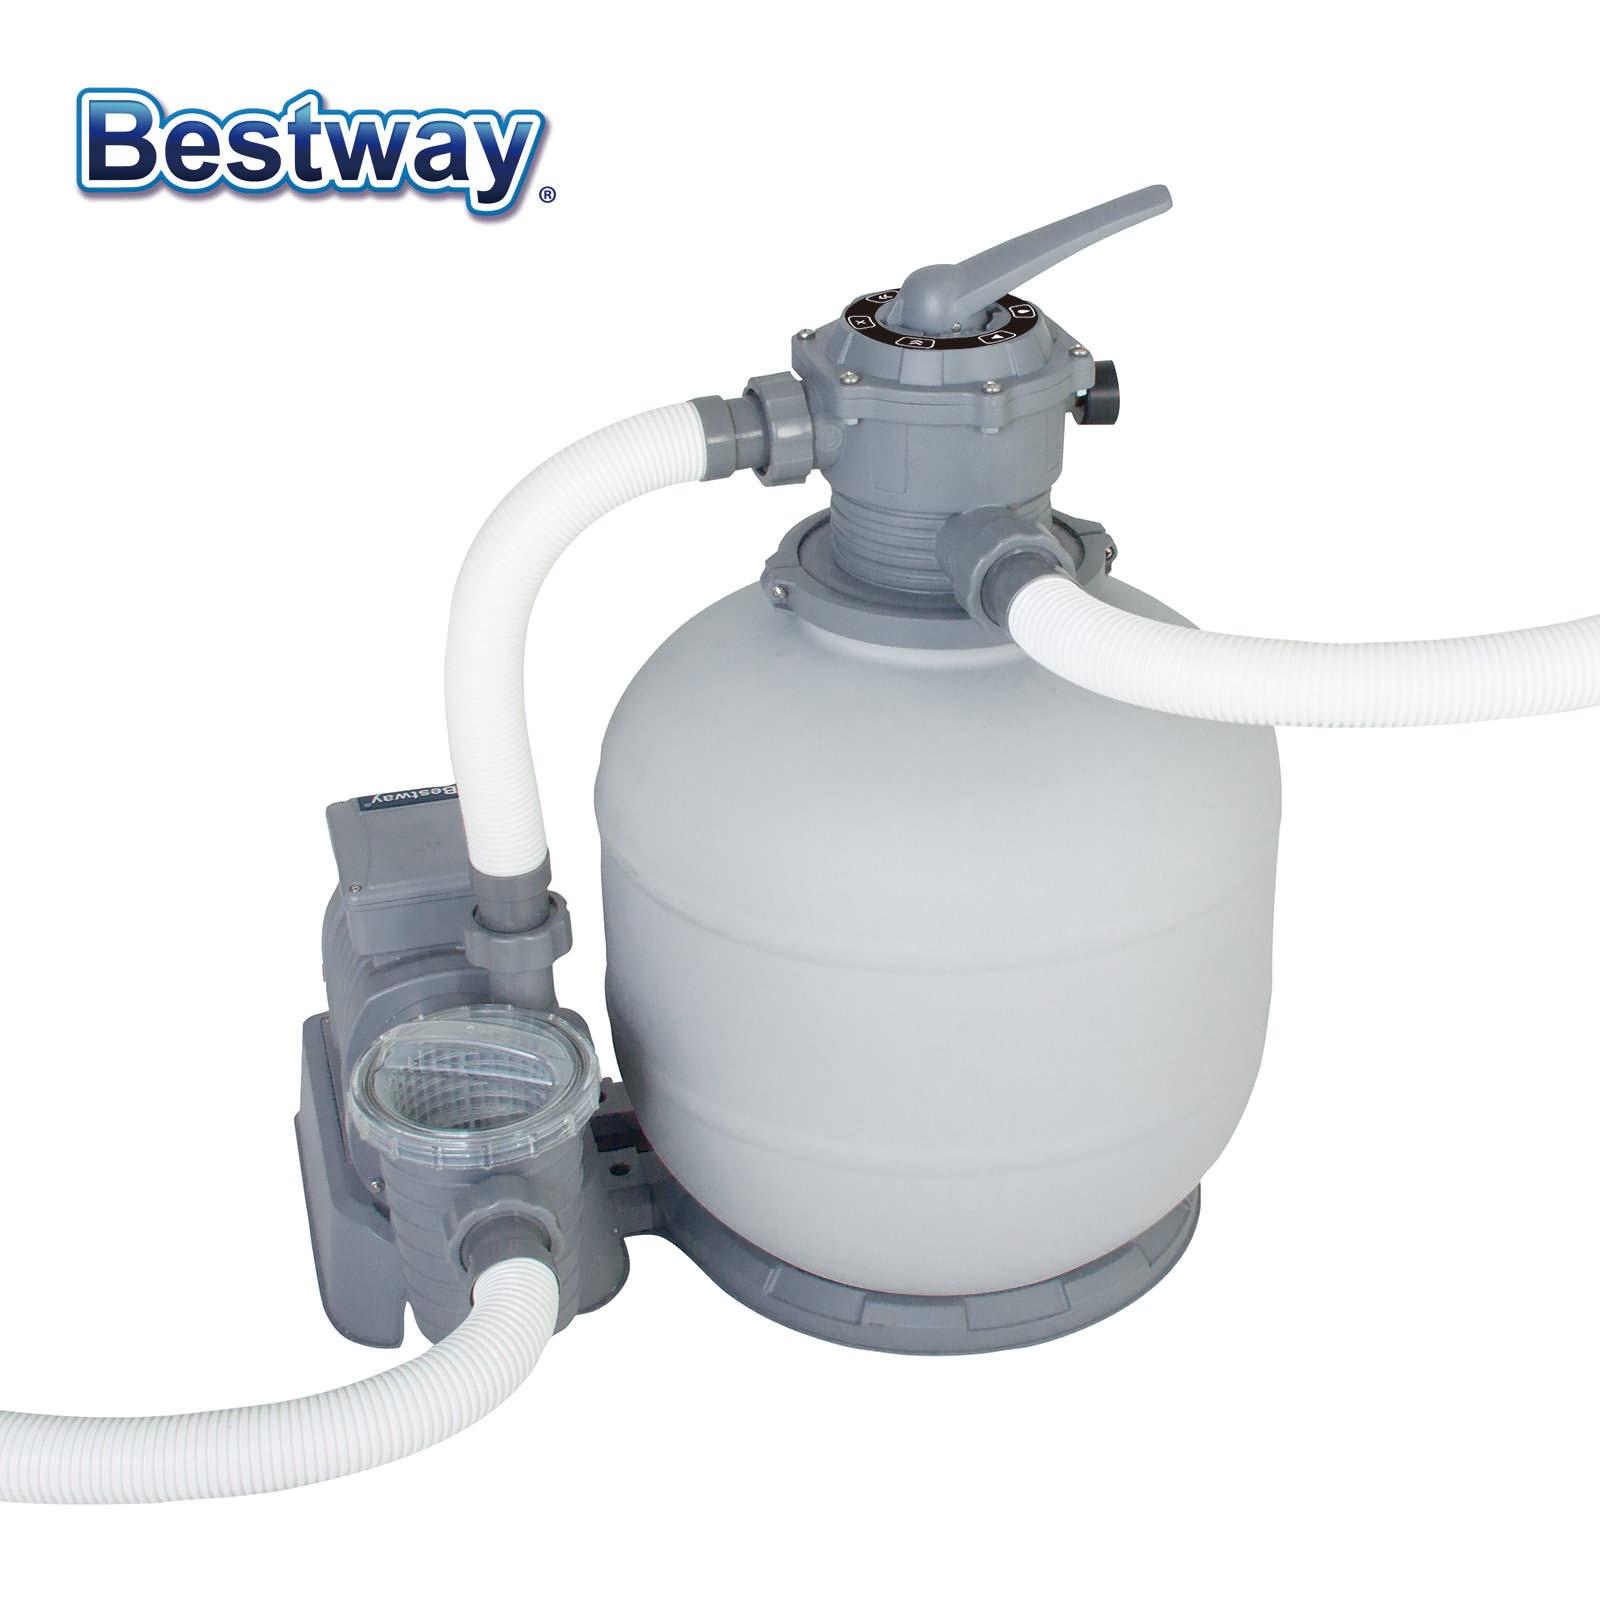 Bestway Flowclear Filtre À Sable 58366 Pompe Pour Piscines ... dedans Pompe Piscine Bestway